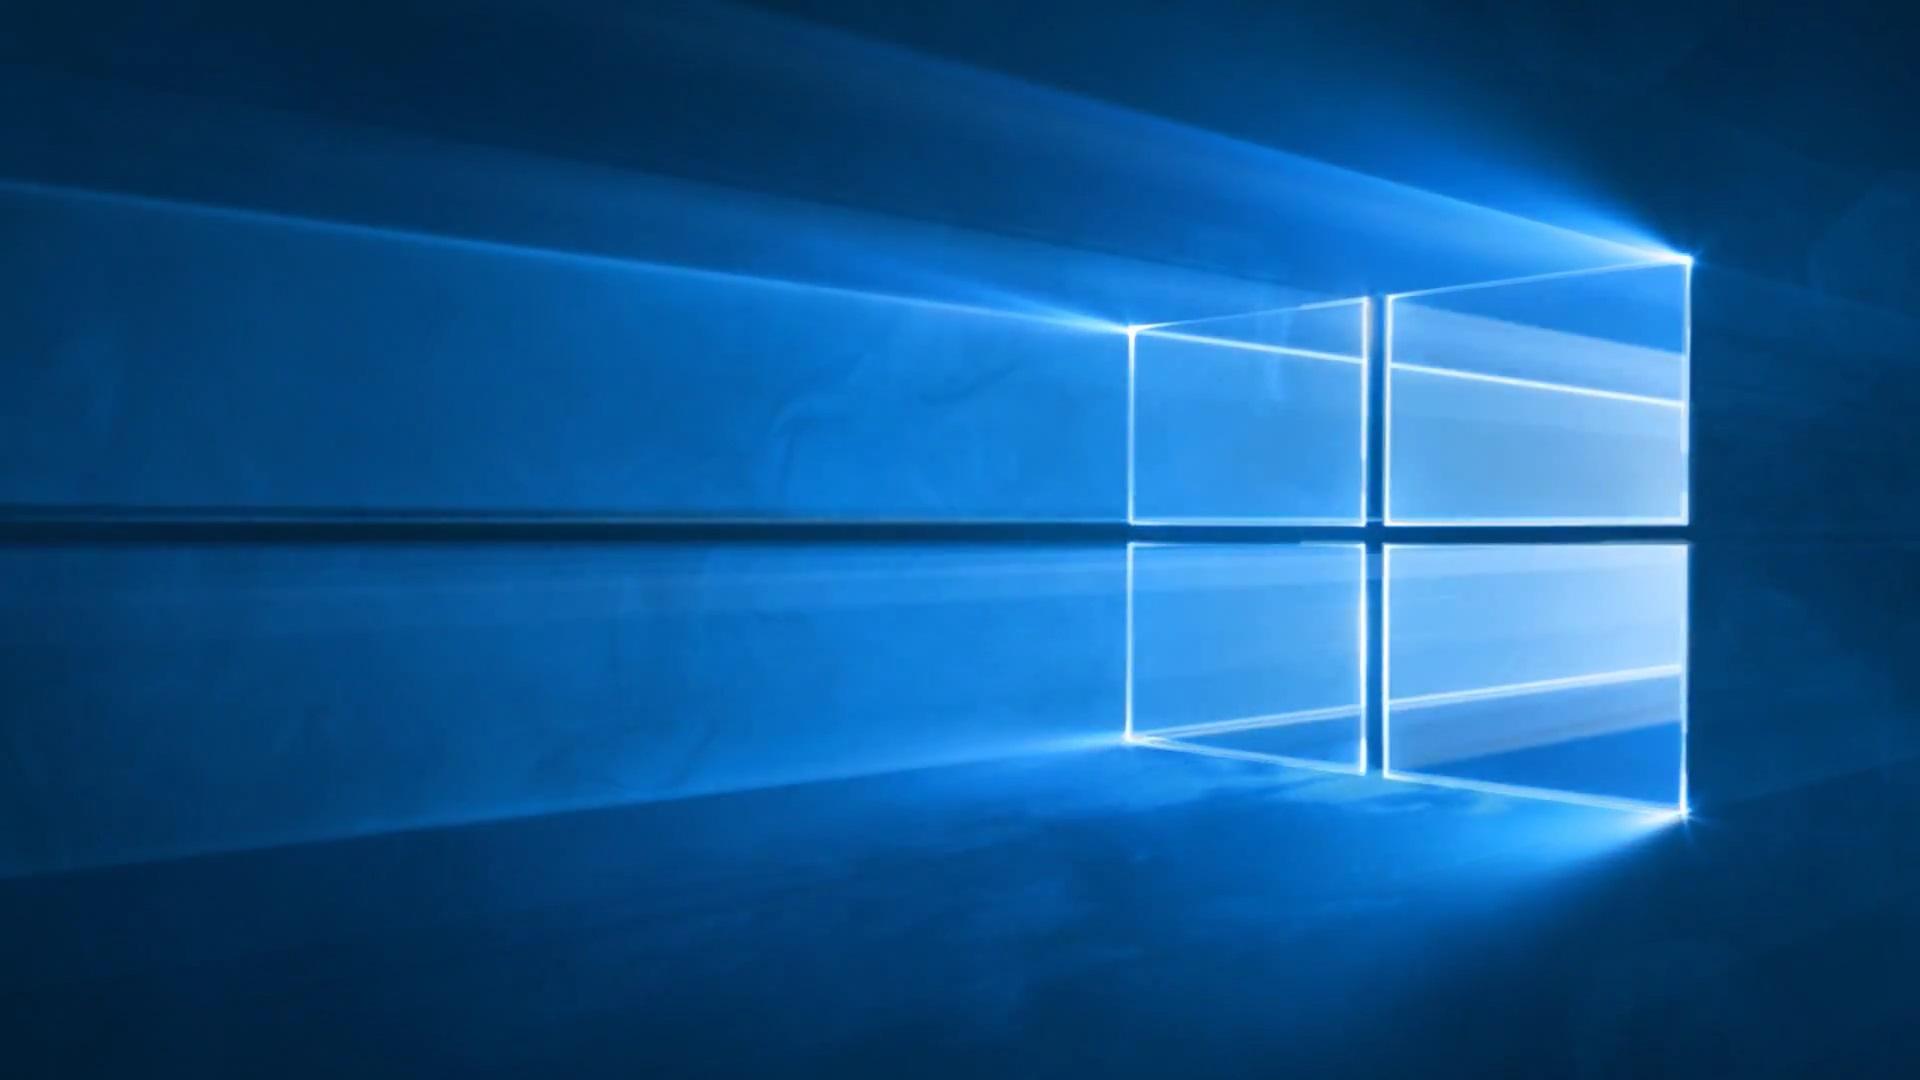 Sites privados de torrents estão banindo o Windows 10